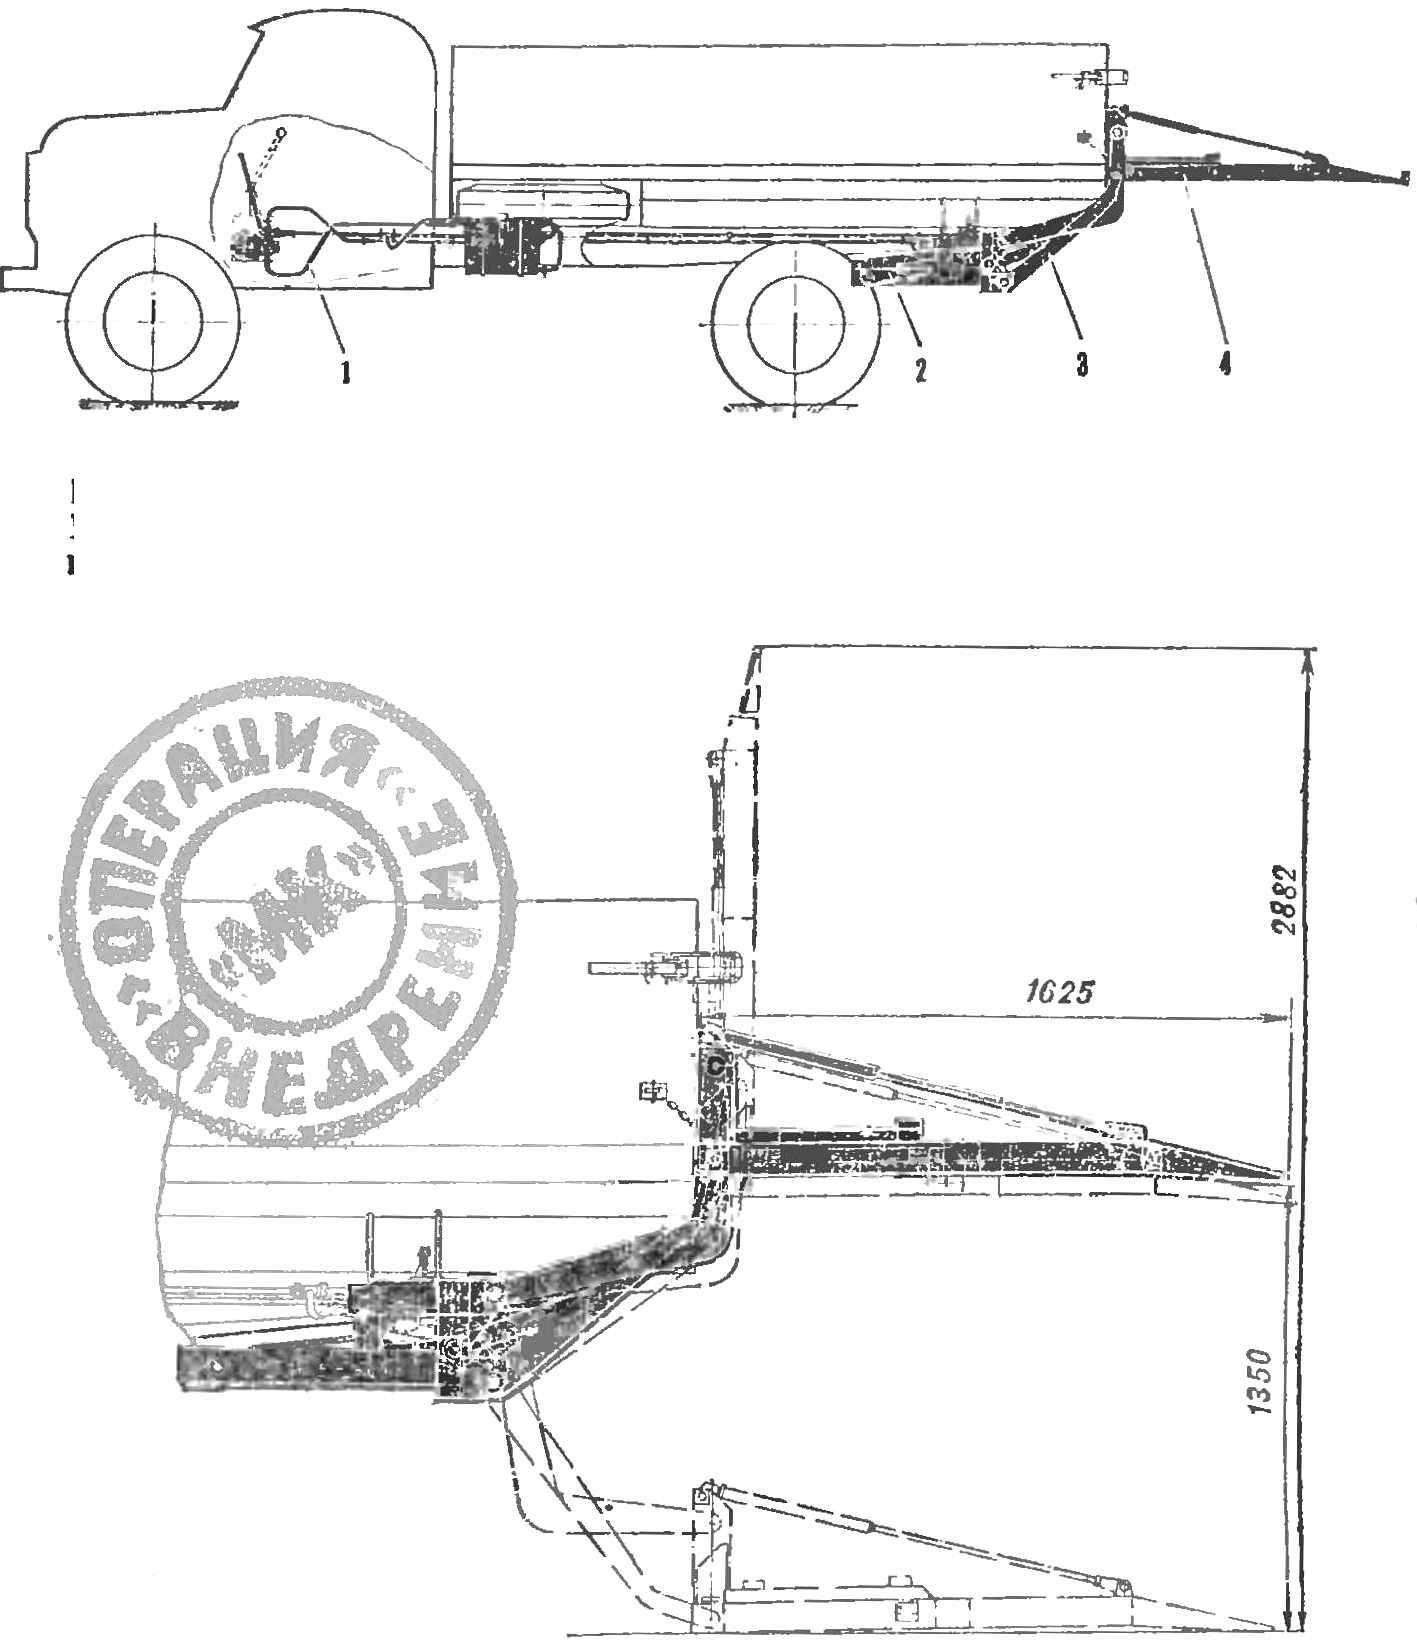 Автомобиль с грузоподъемным бортом и его схема